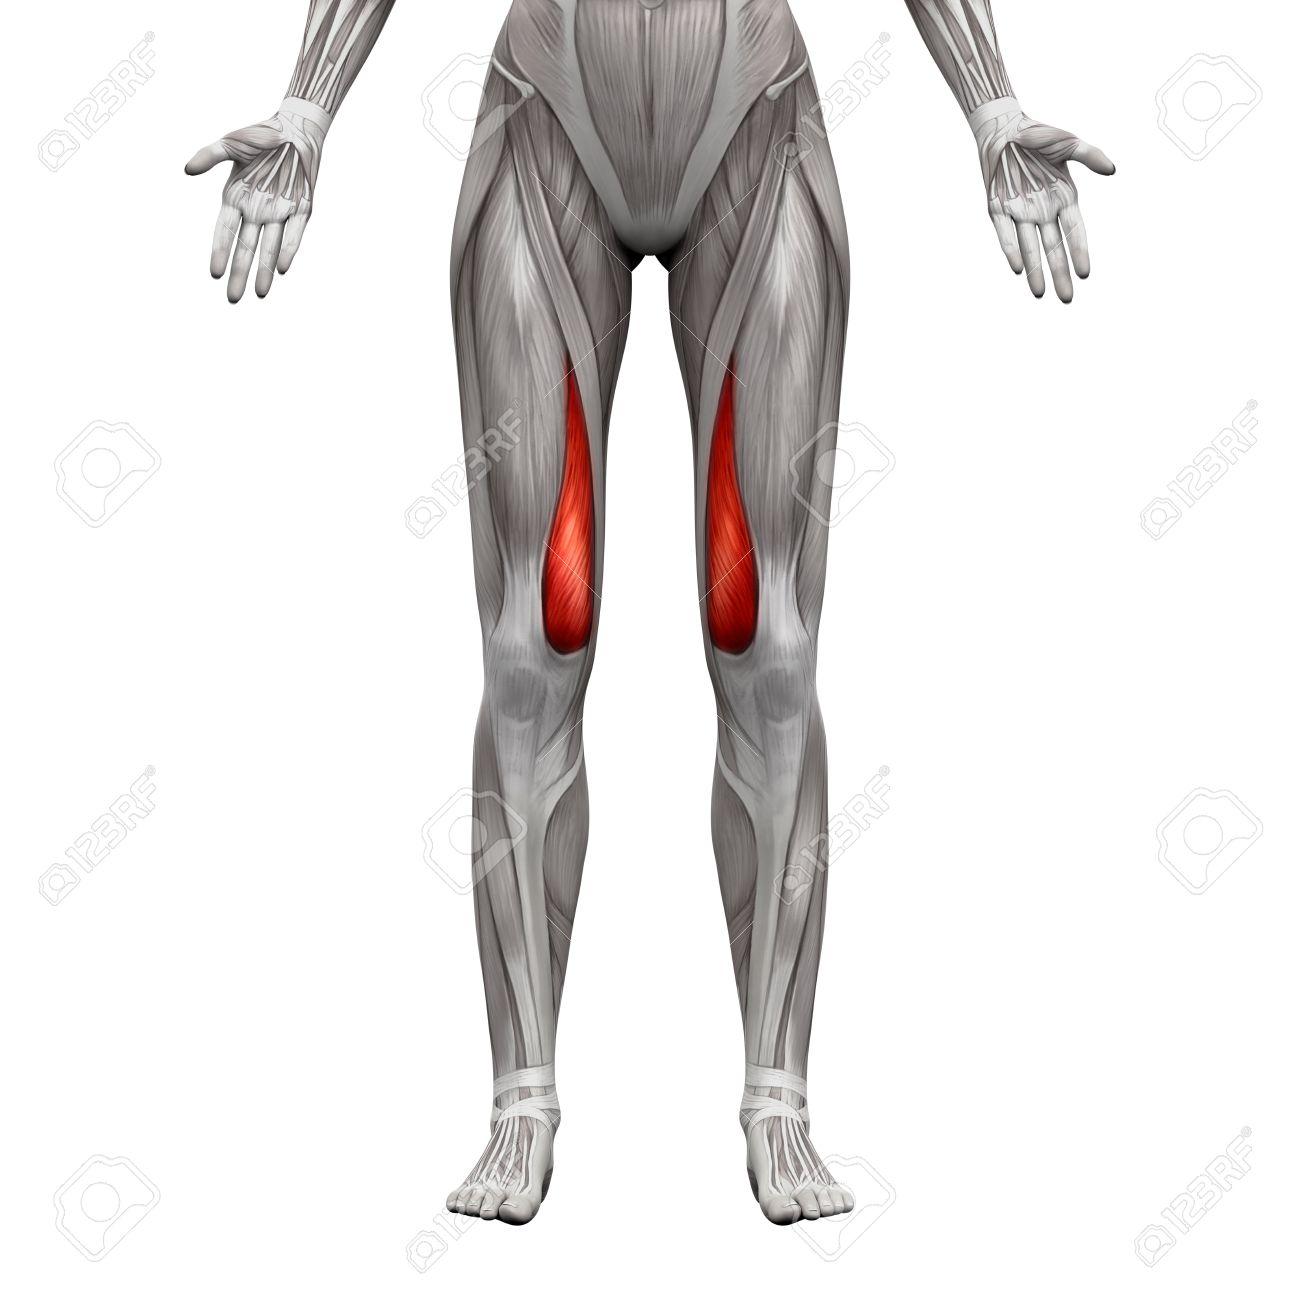 Músculo Vasto Medial - Músculos Anatomía Aislados En Blanco ...